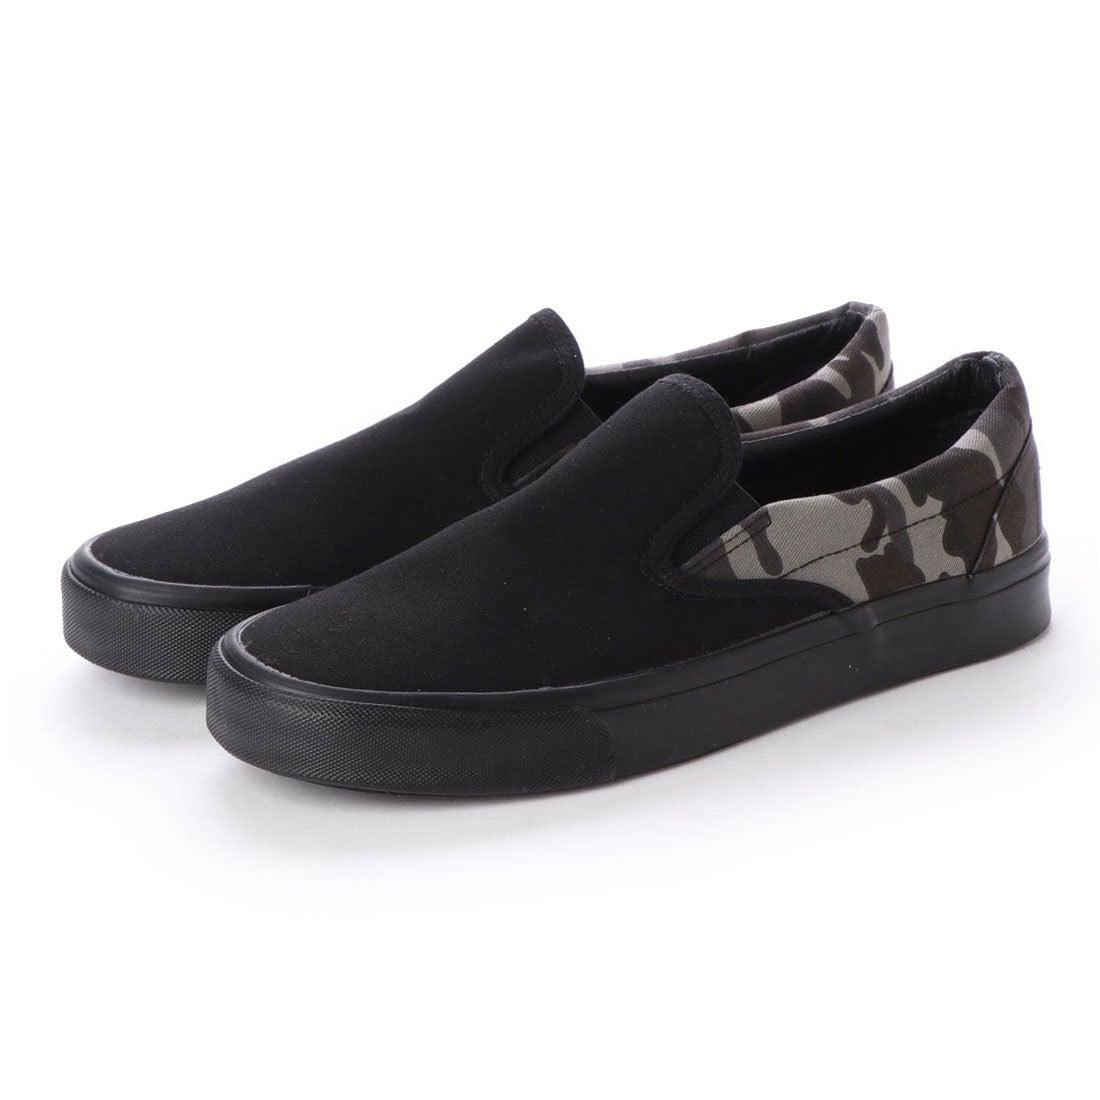 d1aa2e79fb3e38 ブラッチャーノ Bracciano スリッポンスニーカー (BLACK/CAMO) -靴&ファッション通販 ロコンド〜自宅で試着、気軽に返品